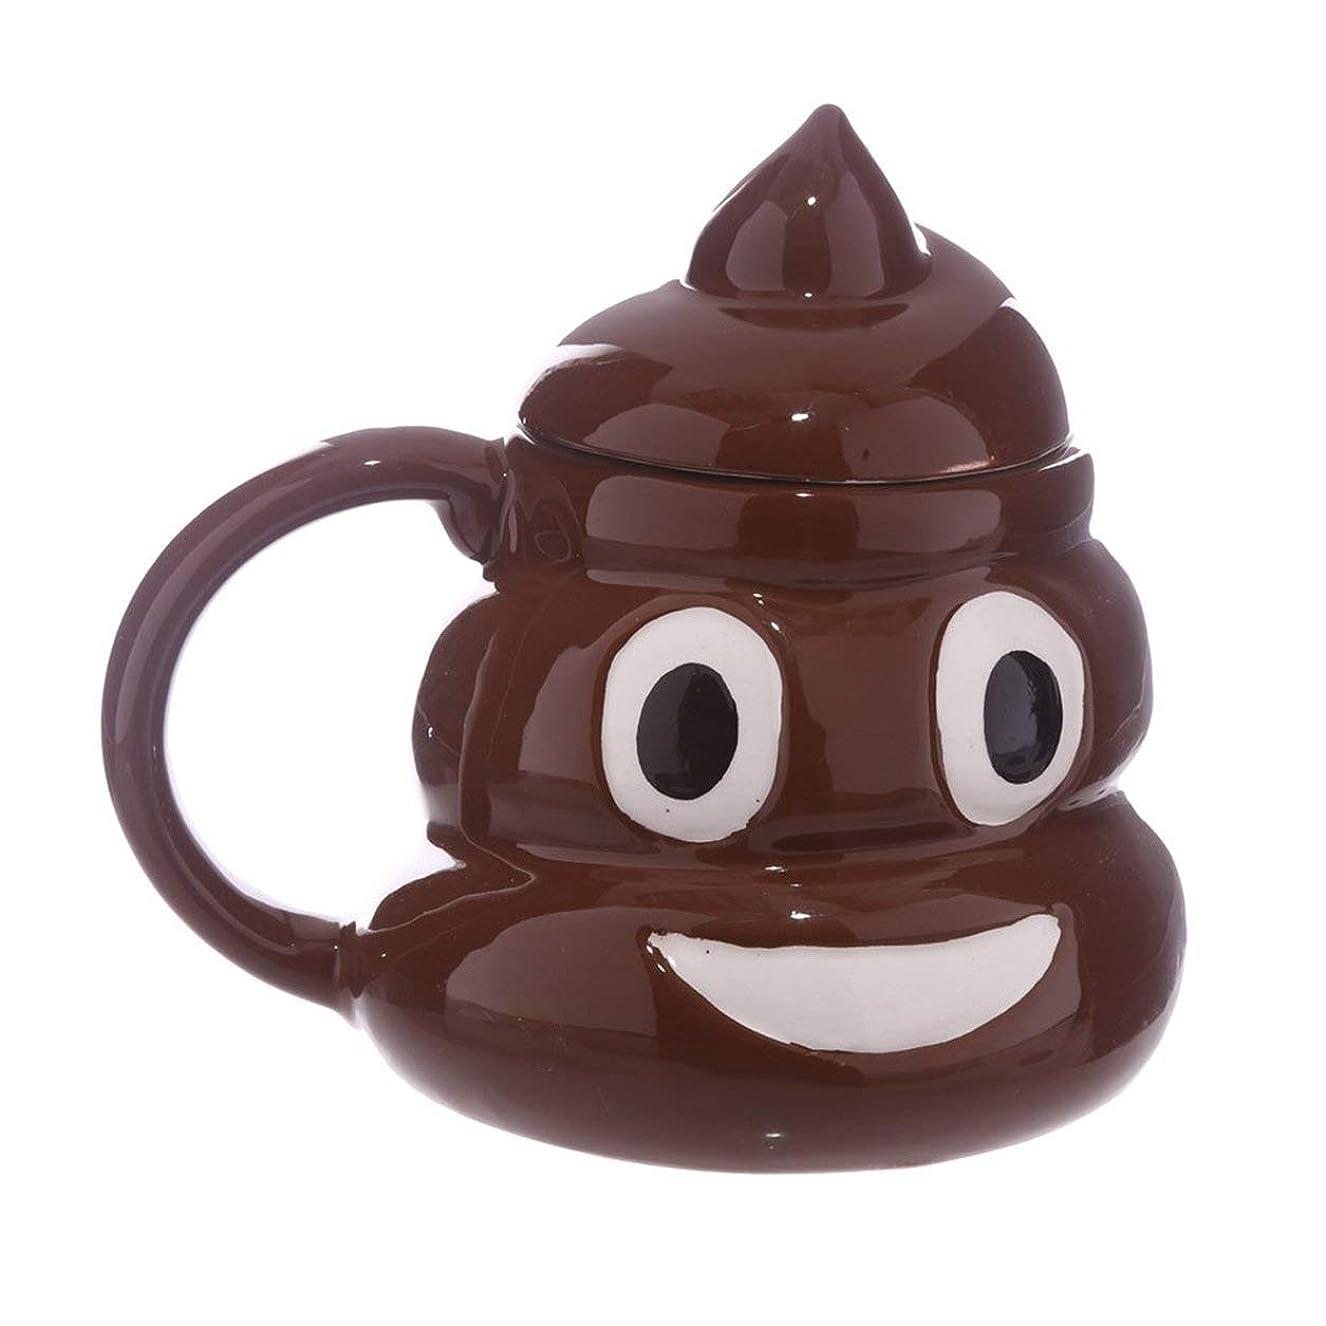 才能のある聡明かまどSaikogoods 3Dおかしい絵文字マグ特殊セラミックコーヒーカップかわいいティーカップ磁器カップノベルティミルクマグフレンズファミリーギフト 褐色